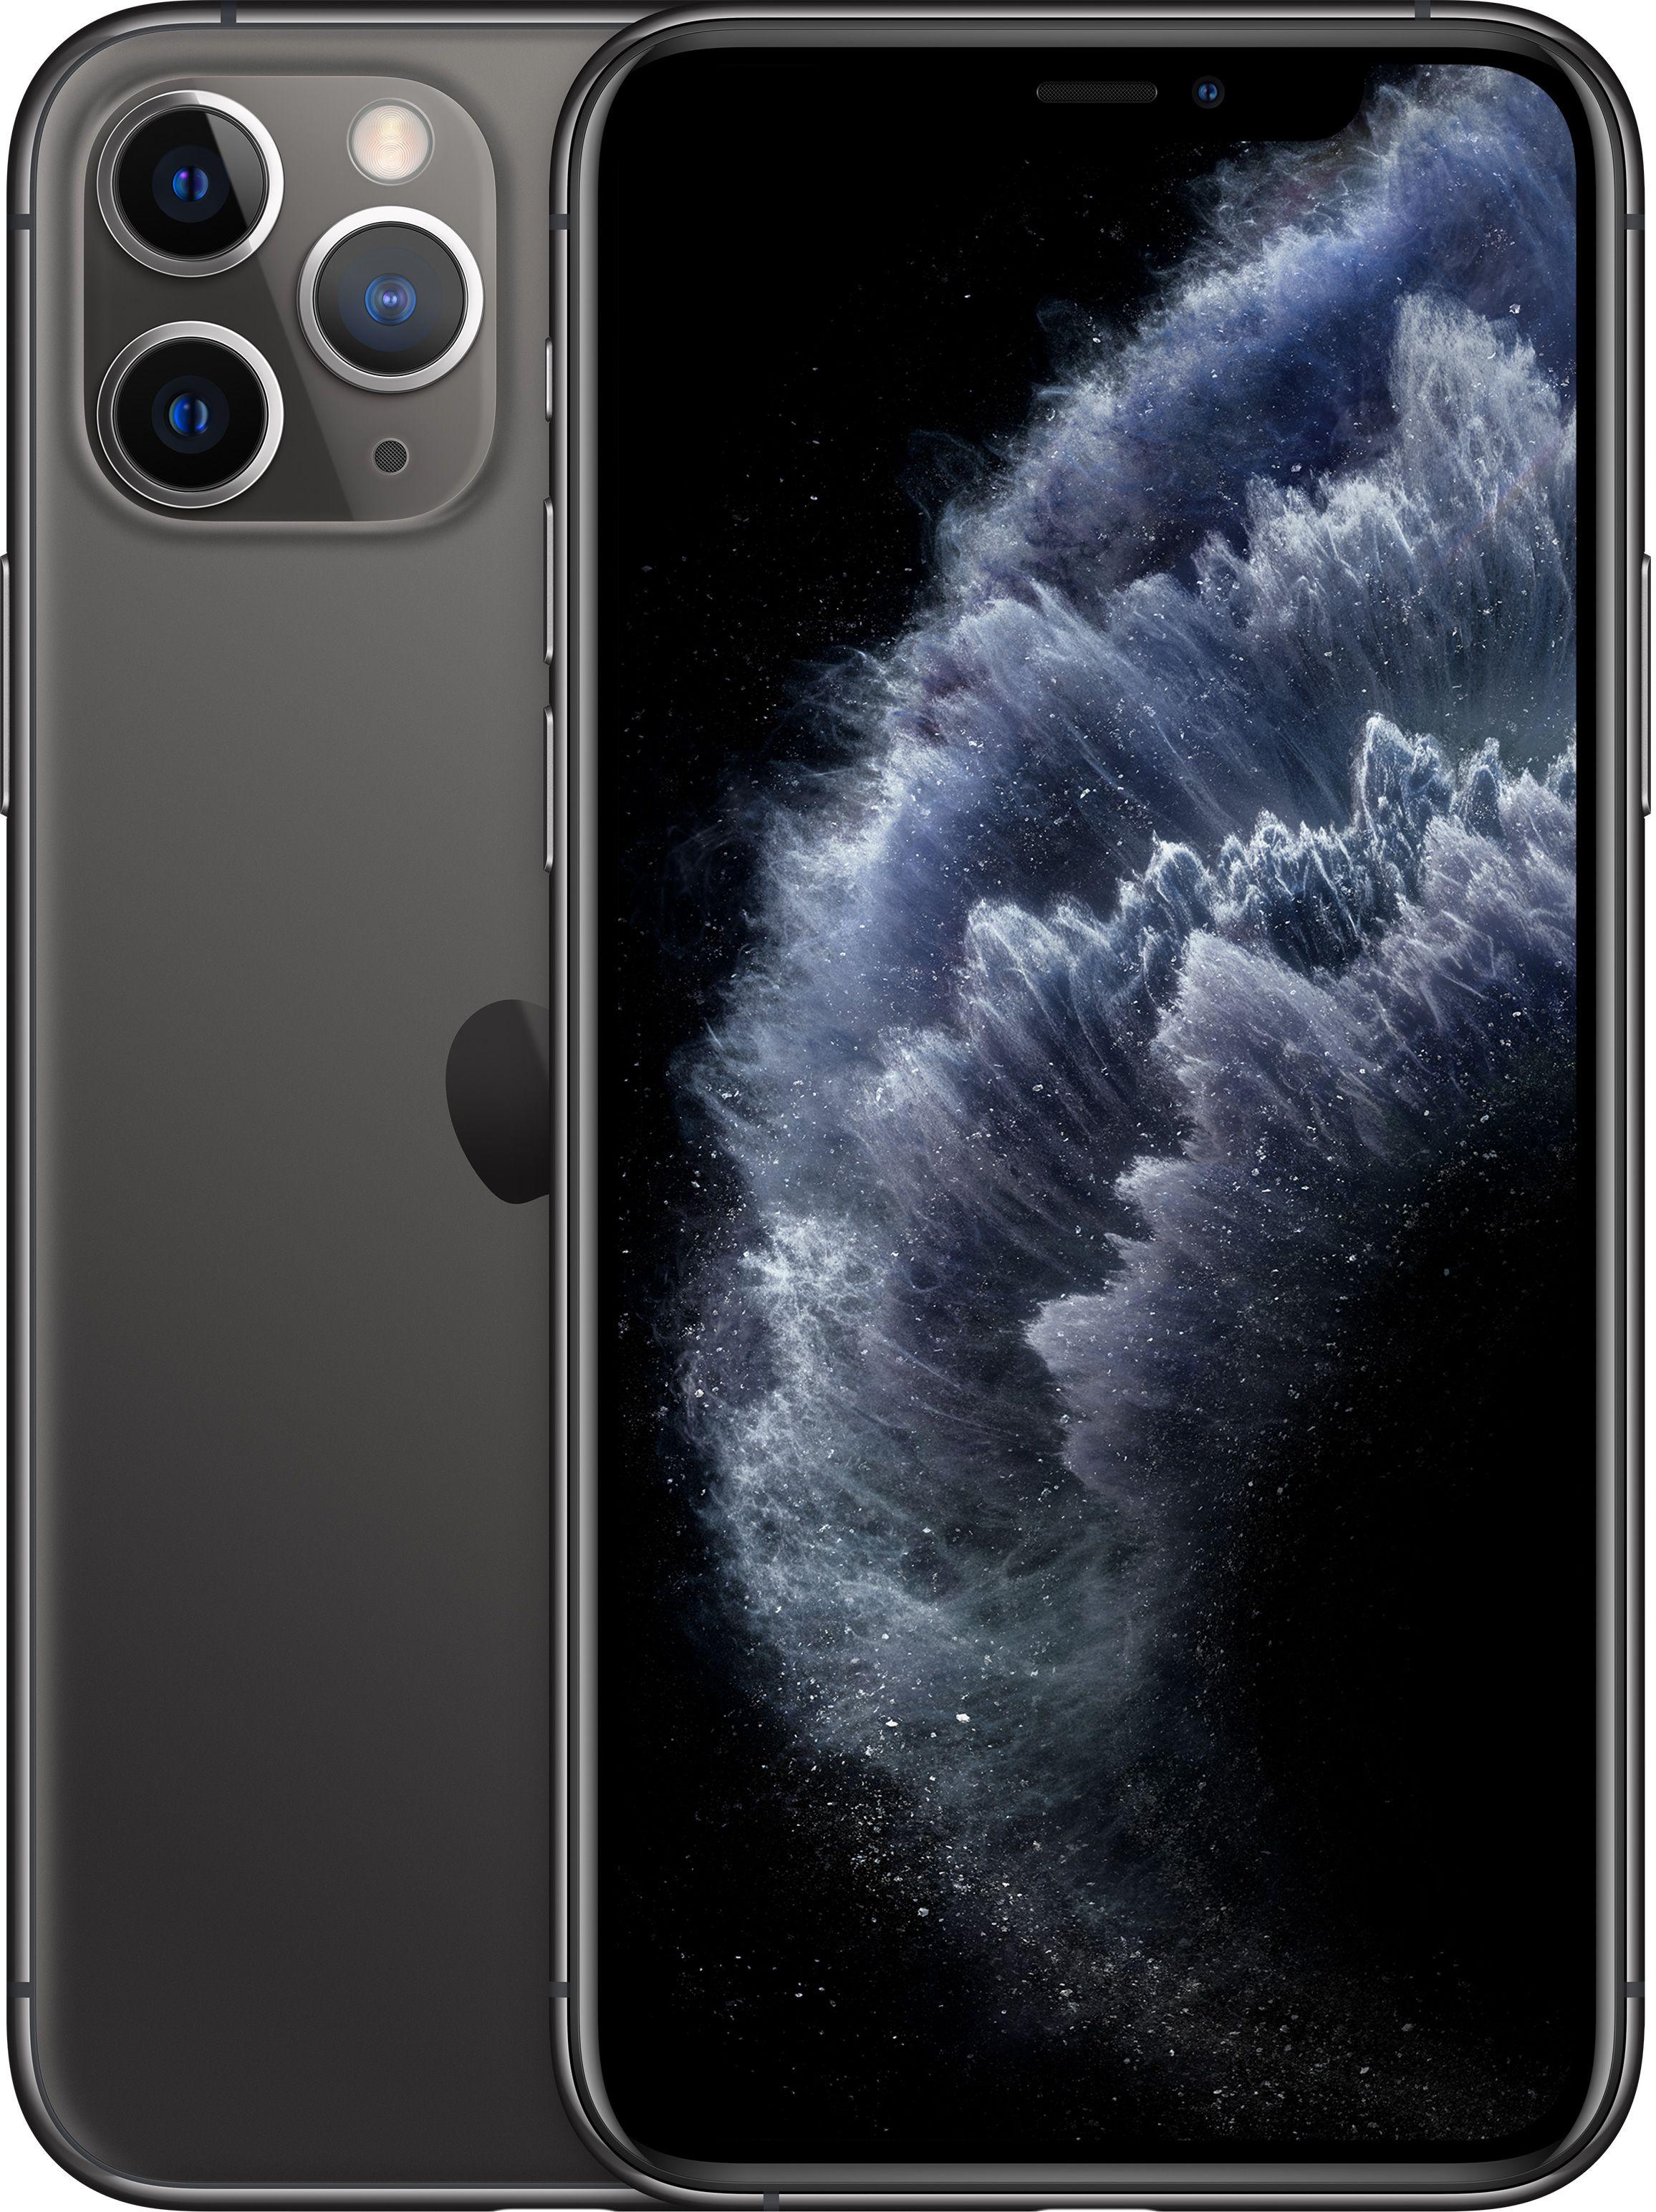 Мобильный телефон Apple iPhone 11 Pro Max 256GB (серый космос) фото